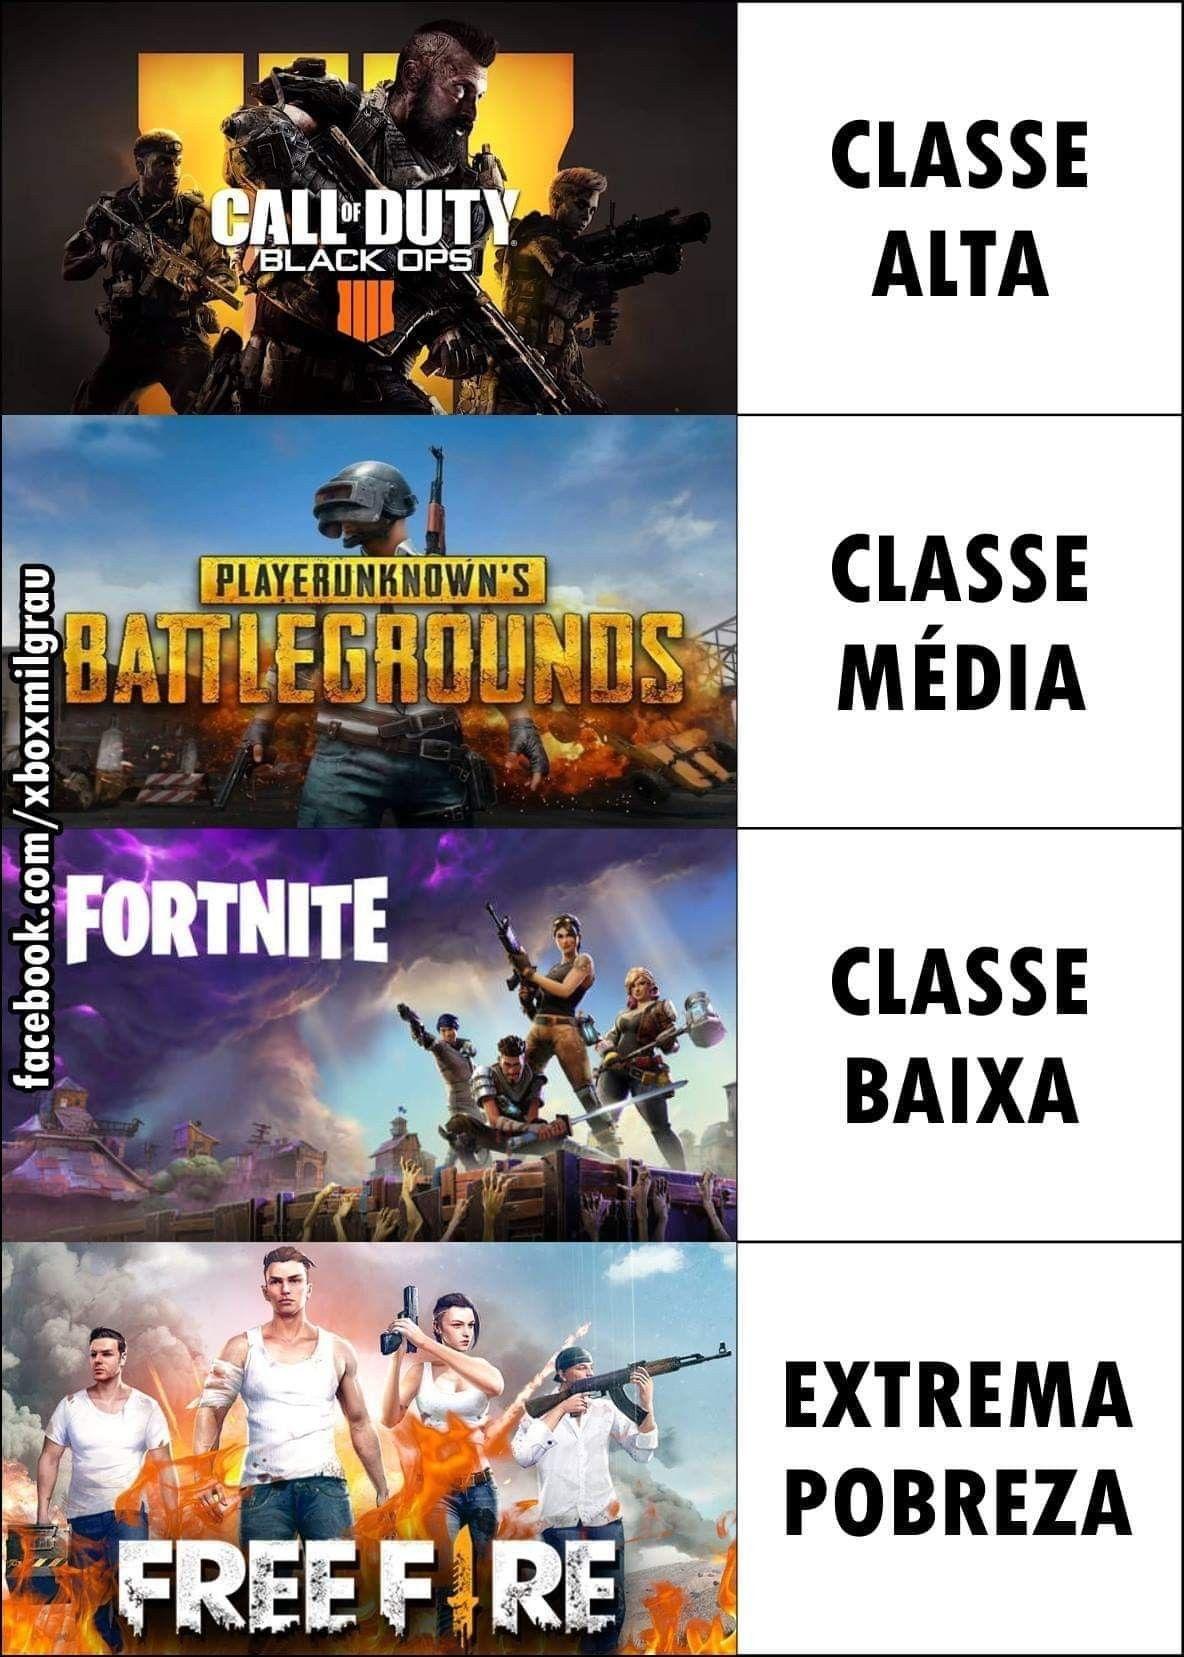 Extrema Pobreza Memes Engracados Meme Engracado Memes Engracado